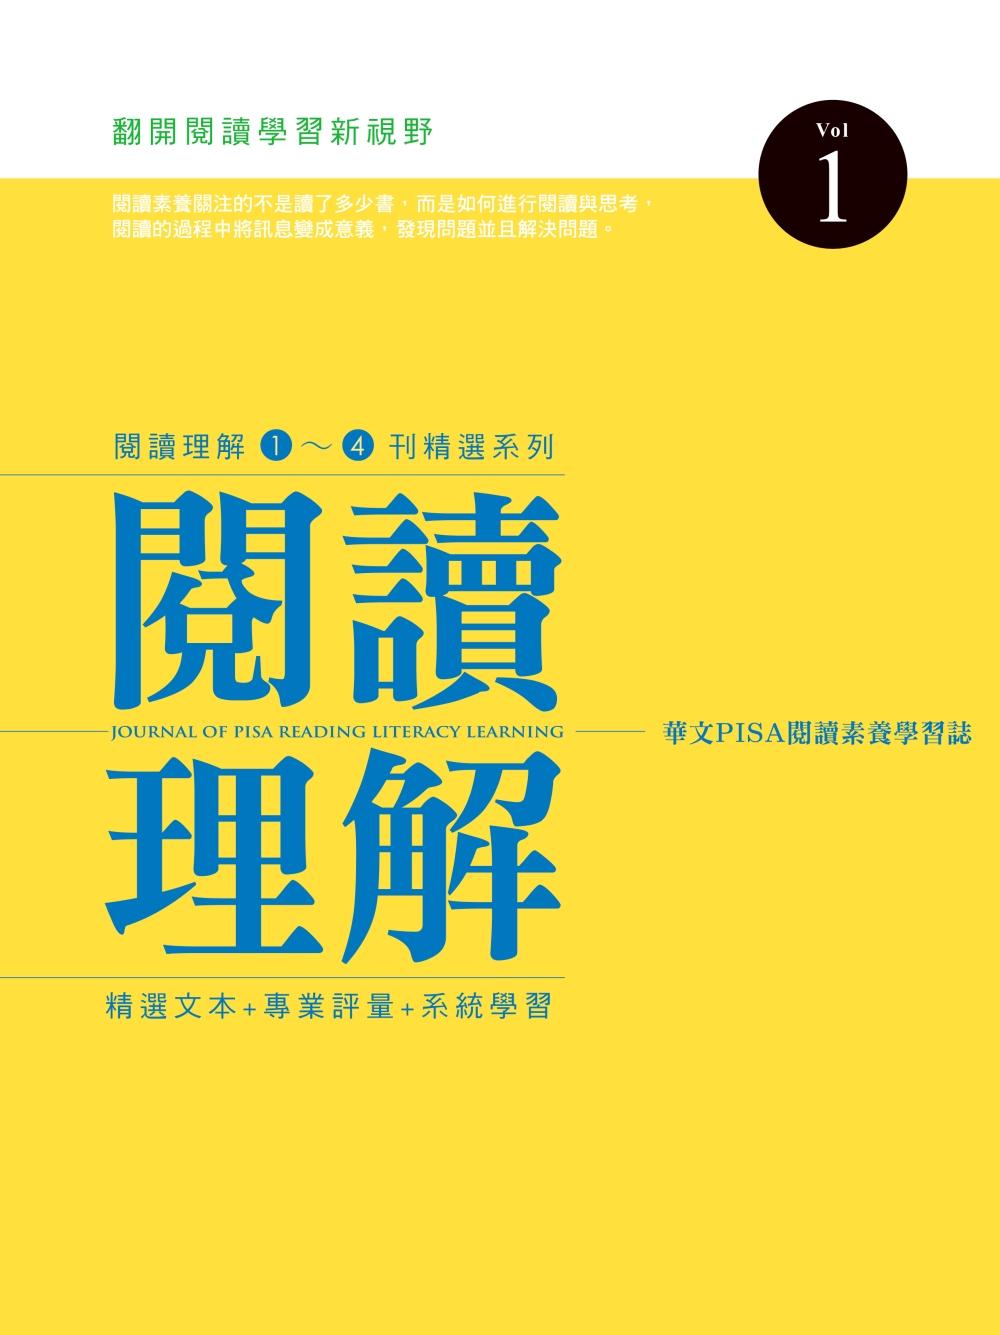 閱讀理解1~4刊精選系列 vol.1